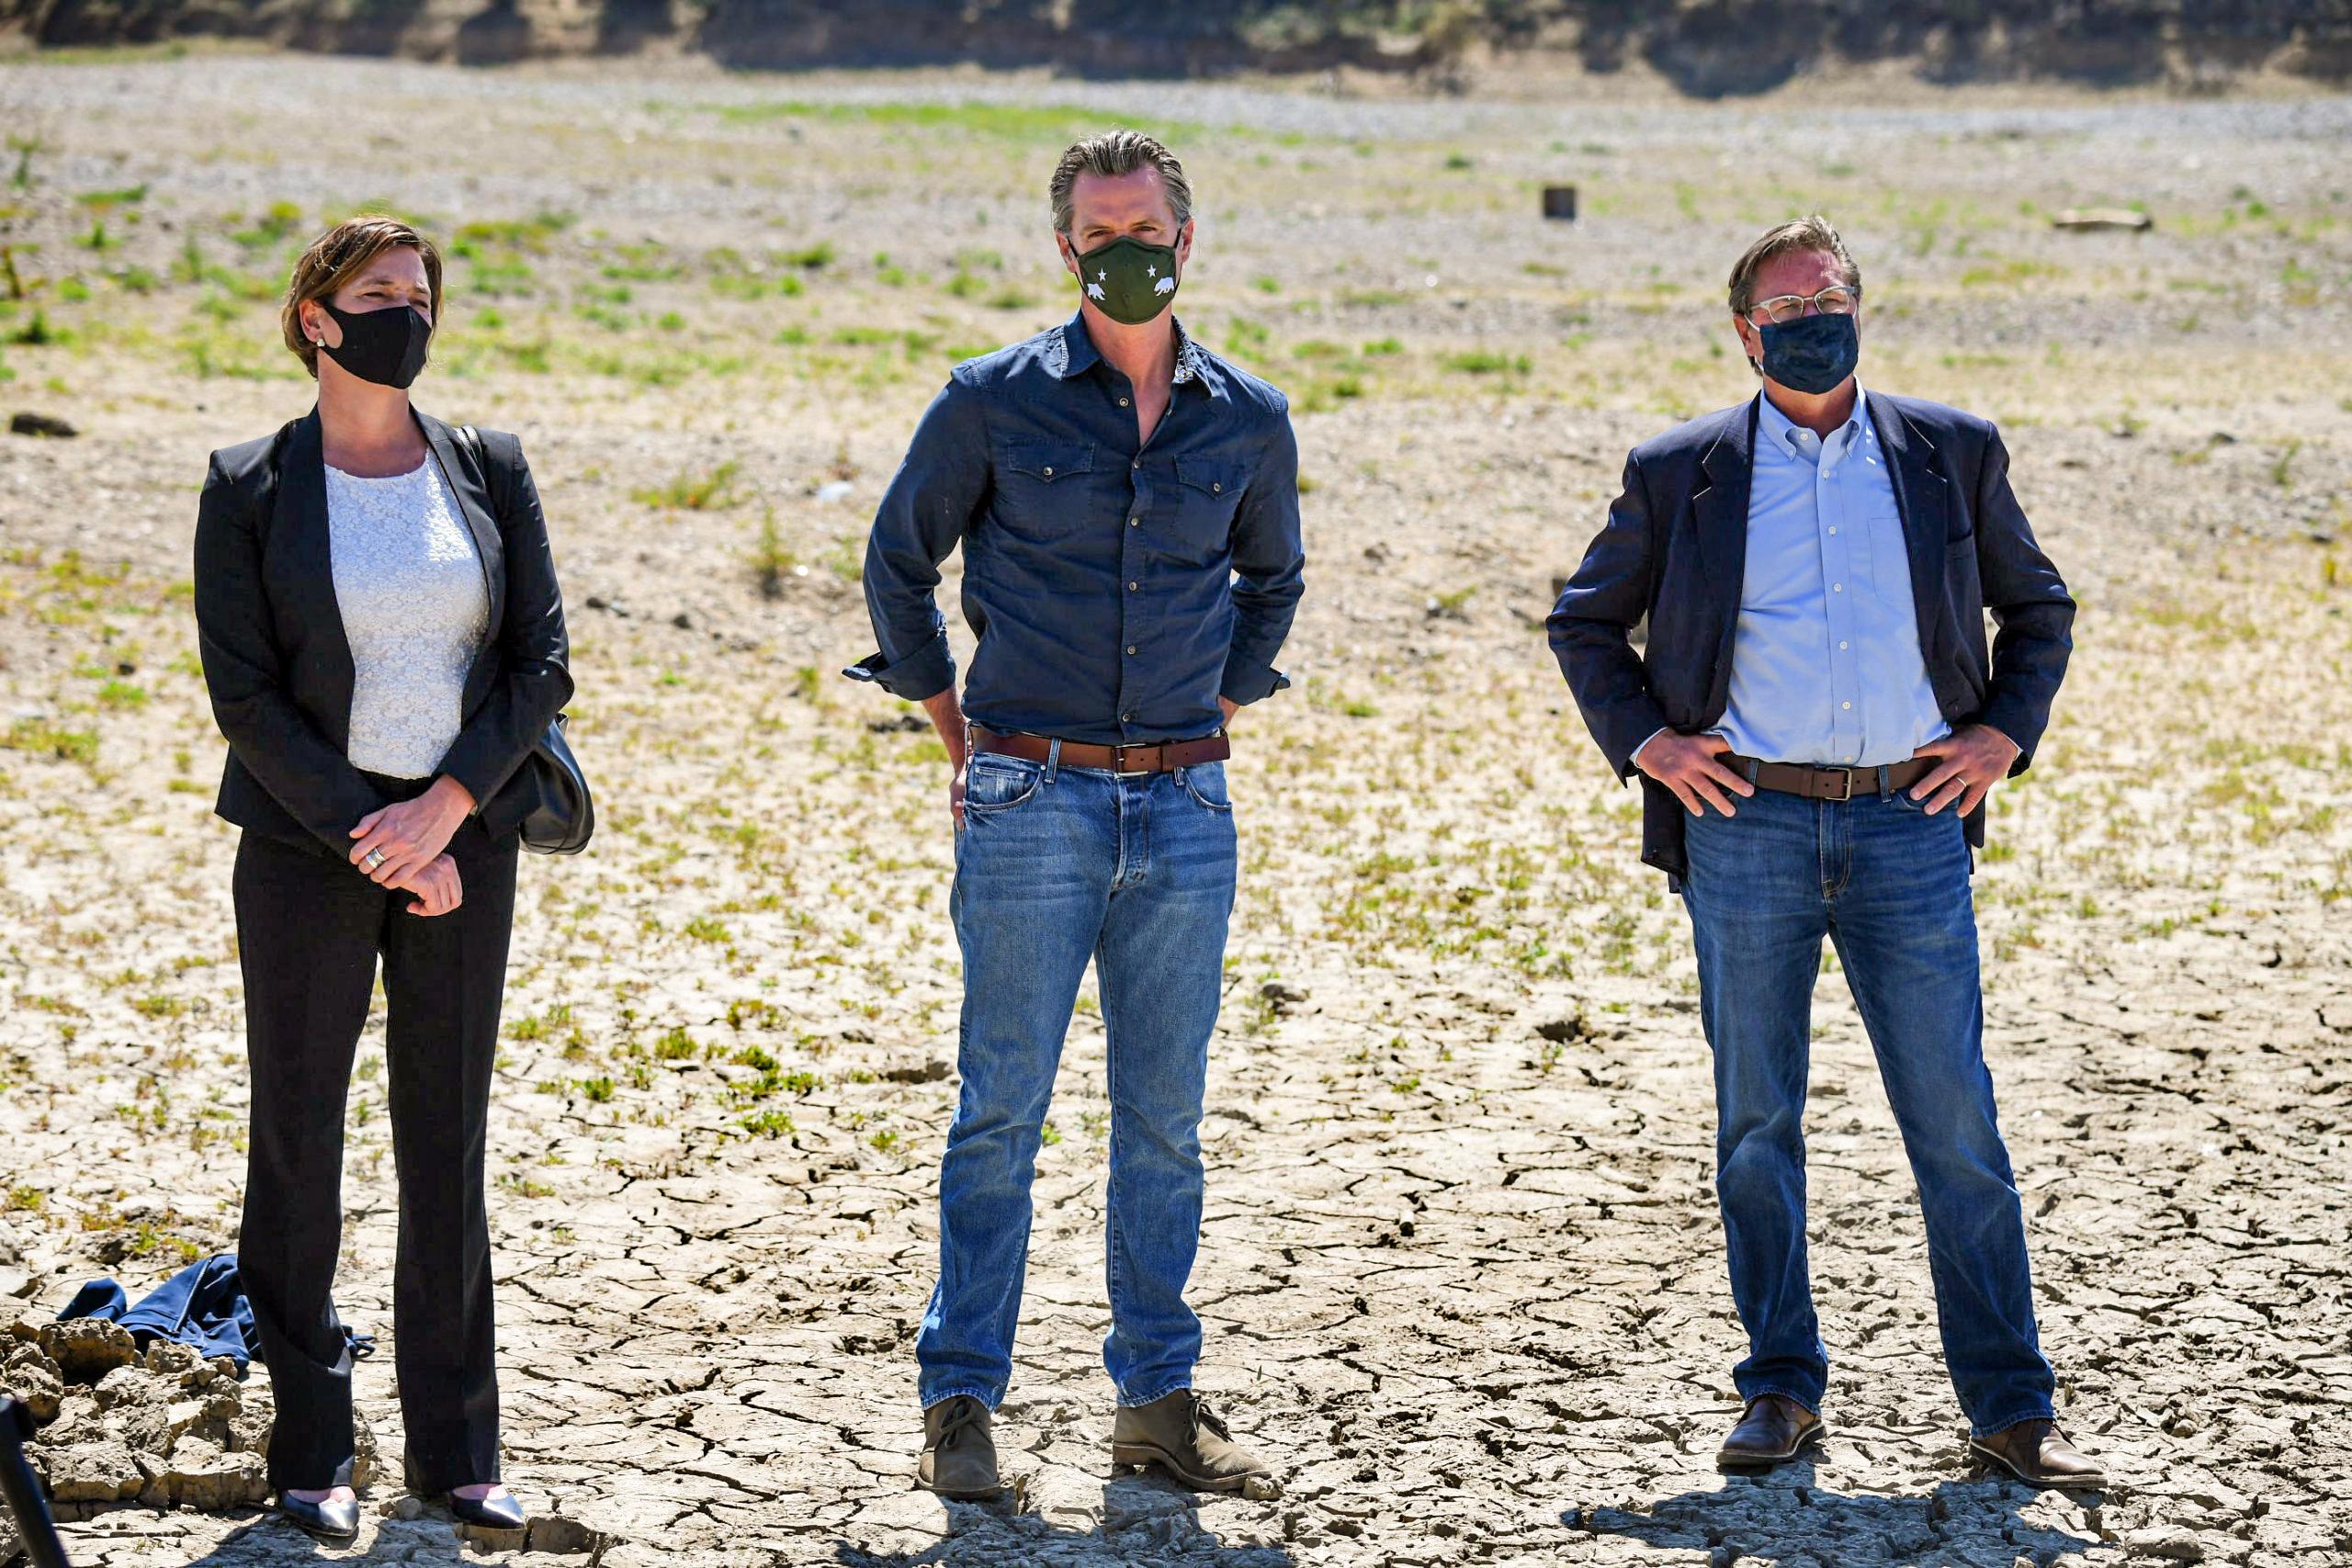 Governor Newsom declares a drought